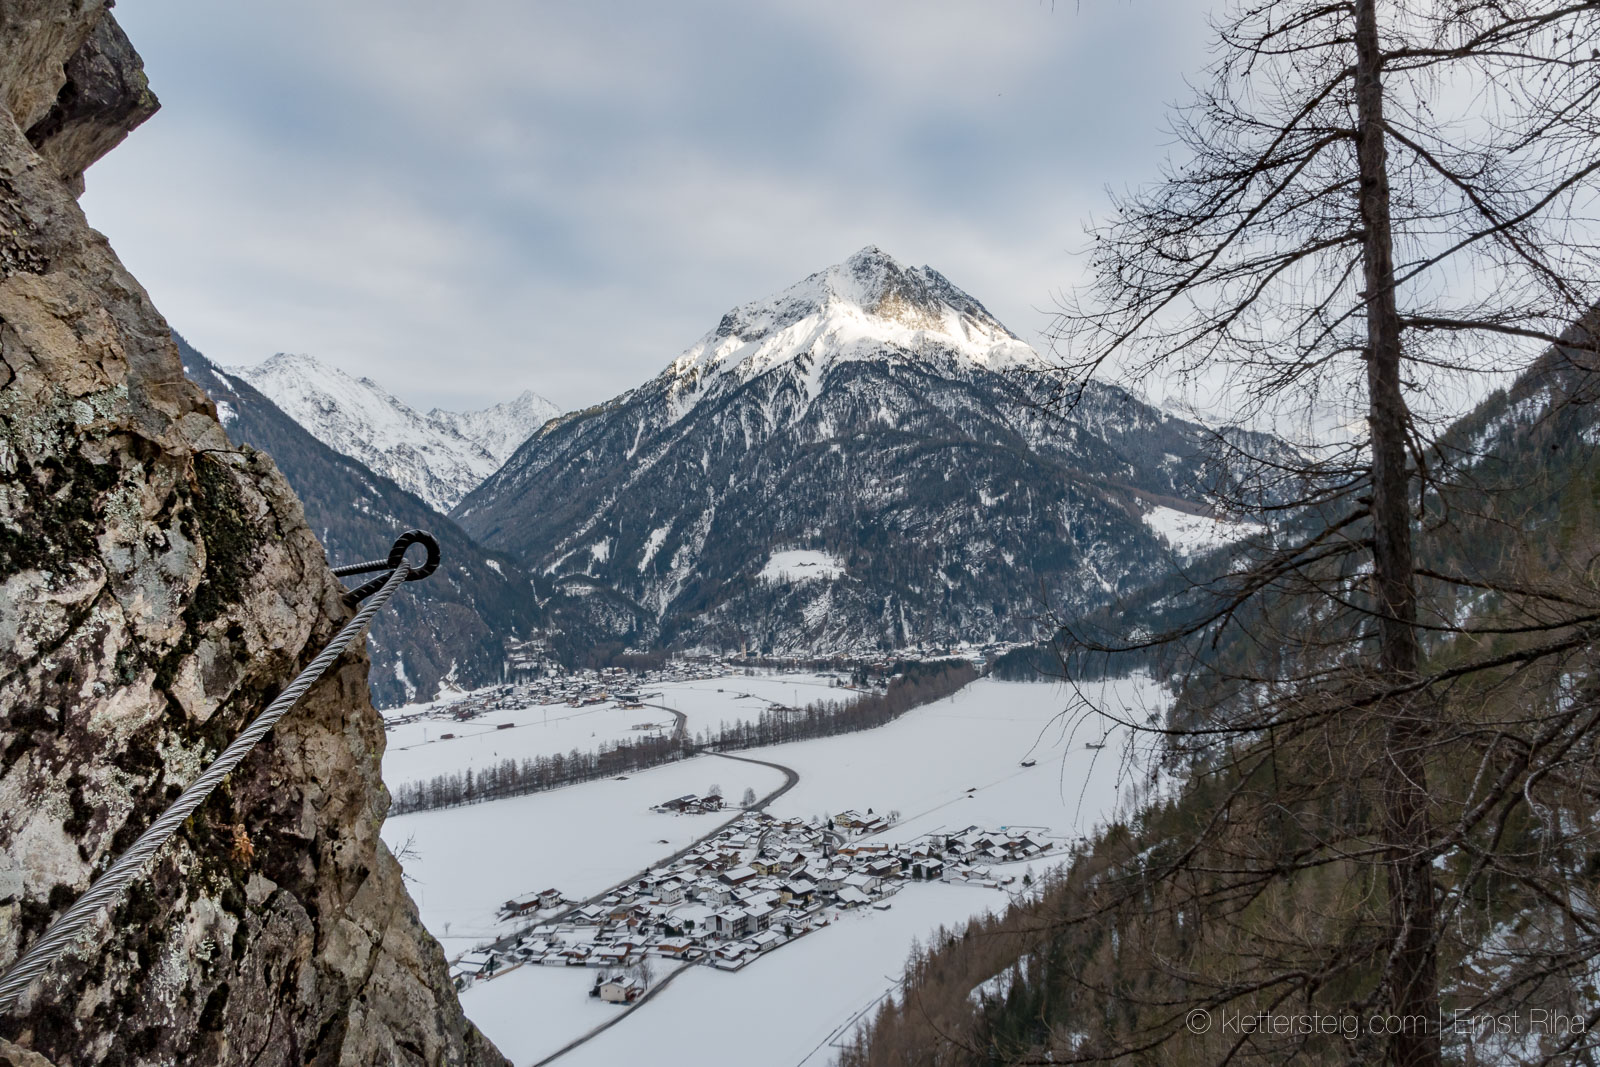 Klettersteig Lehner Wasserfall : 3. märz 2018 lehner wasserfall klettersteige